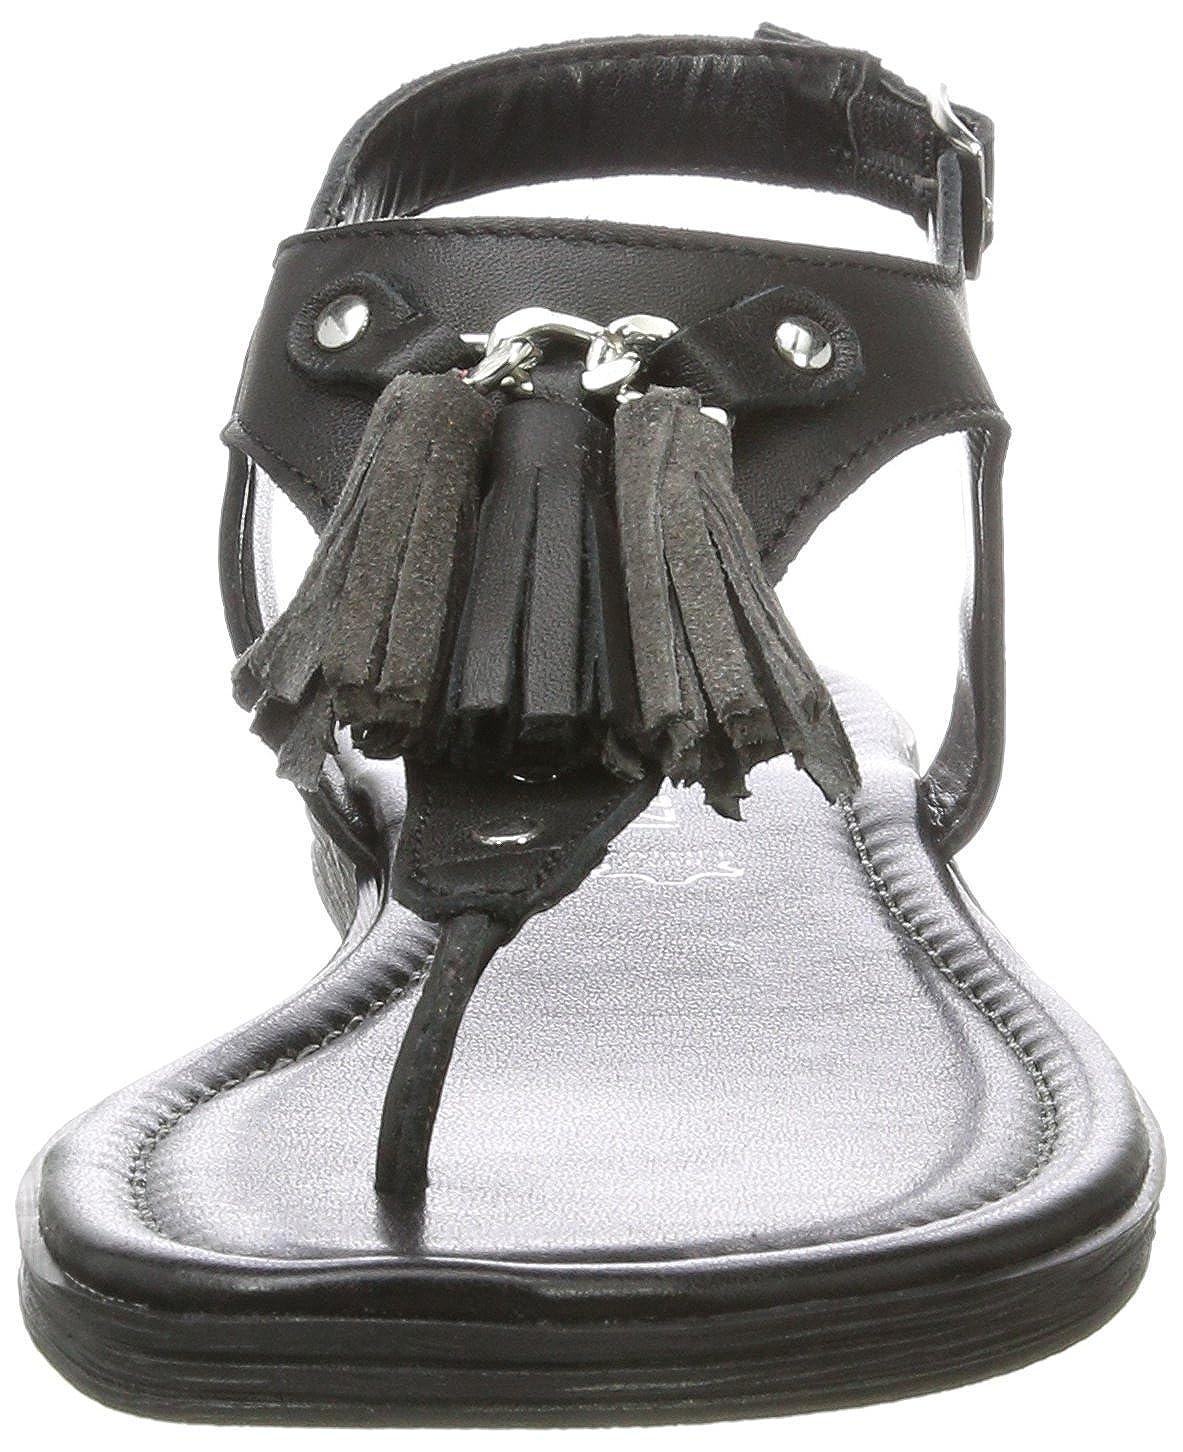 MARCO TOZZI premio Women s 28142 Sandals  Amazon.co.uk  Shoes   Bags ce07411c3f